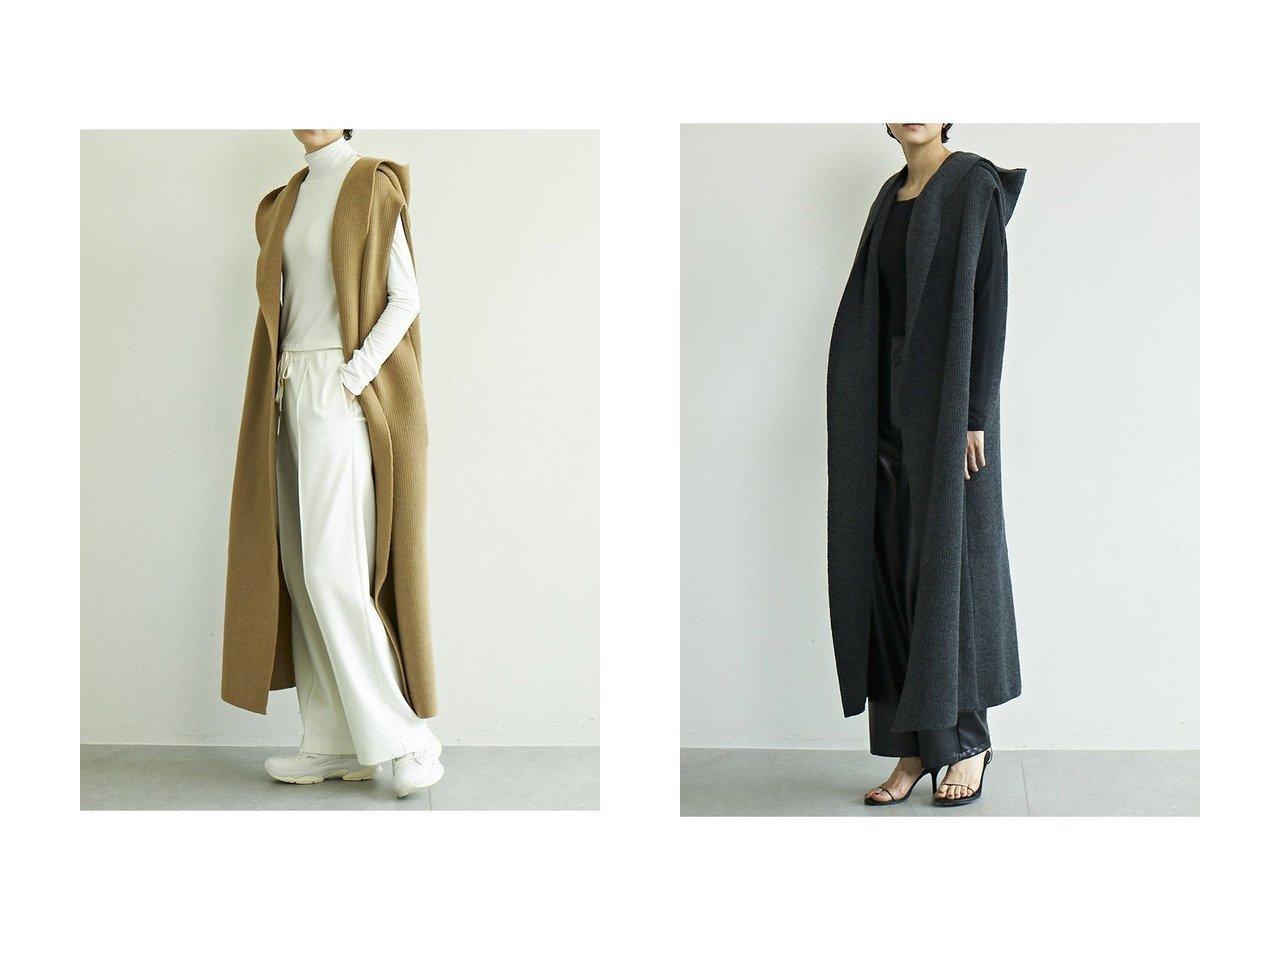 【GALLARDAGALANTE/ガリャルダガランテ】の【ADAWAS】別注フードガウンロングベスト 【アウター】おすすめ!人気、トレンド・レディースファッションの通販 おすすめで人気の流行・トレンド、ファッションの通販商品 インテリア・家具・メンズファッション・キッズファッション・レディースファッション・服の通販 founy(ファニー) https://founy.com/ ファッション Fashion レディースファッション WOMEN アウター Coat Outerwear ジャケット Jackets 2020年 2020 2020-2021秋冬・A/W AW・Autumn/Winter・FW・Fall-Winter/2020-2021 2021年 2021 2021-2022秋冬・A/W AW・Autumn/Winter・FW・Fall-Winter・2021-2022 A/W・秋冬 AW・Autumn/Winter・FW・Fall-Winter おすすめ Recommend ガウン シンプル ジャケット スウェット フロント ベスト リラックス ロング ワイド 別注 |ID:crp329100000061164